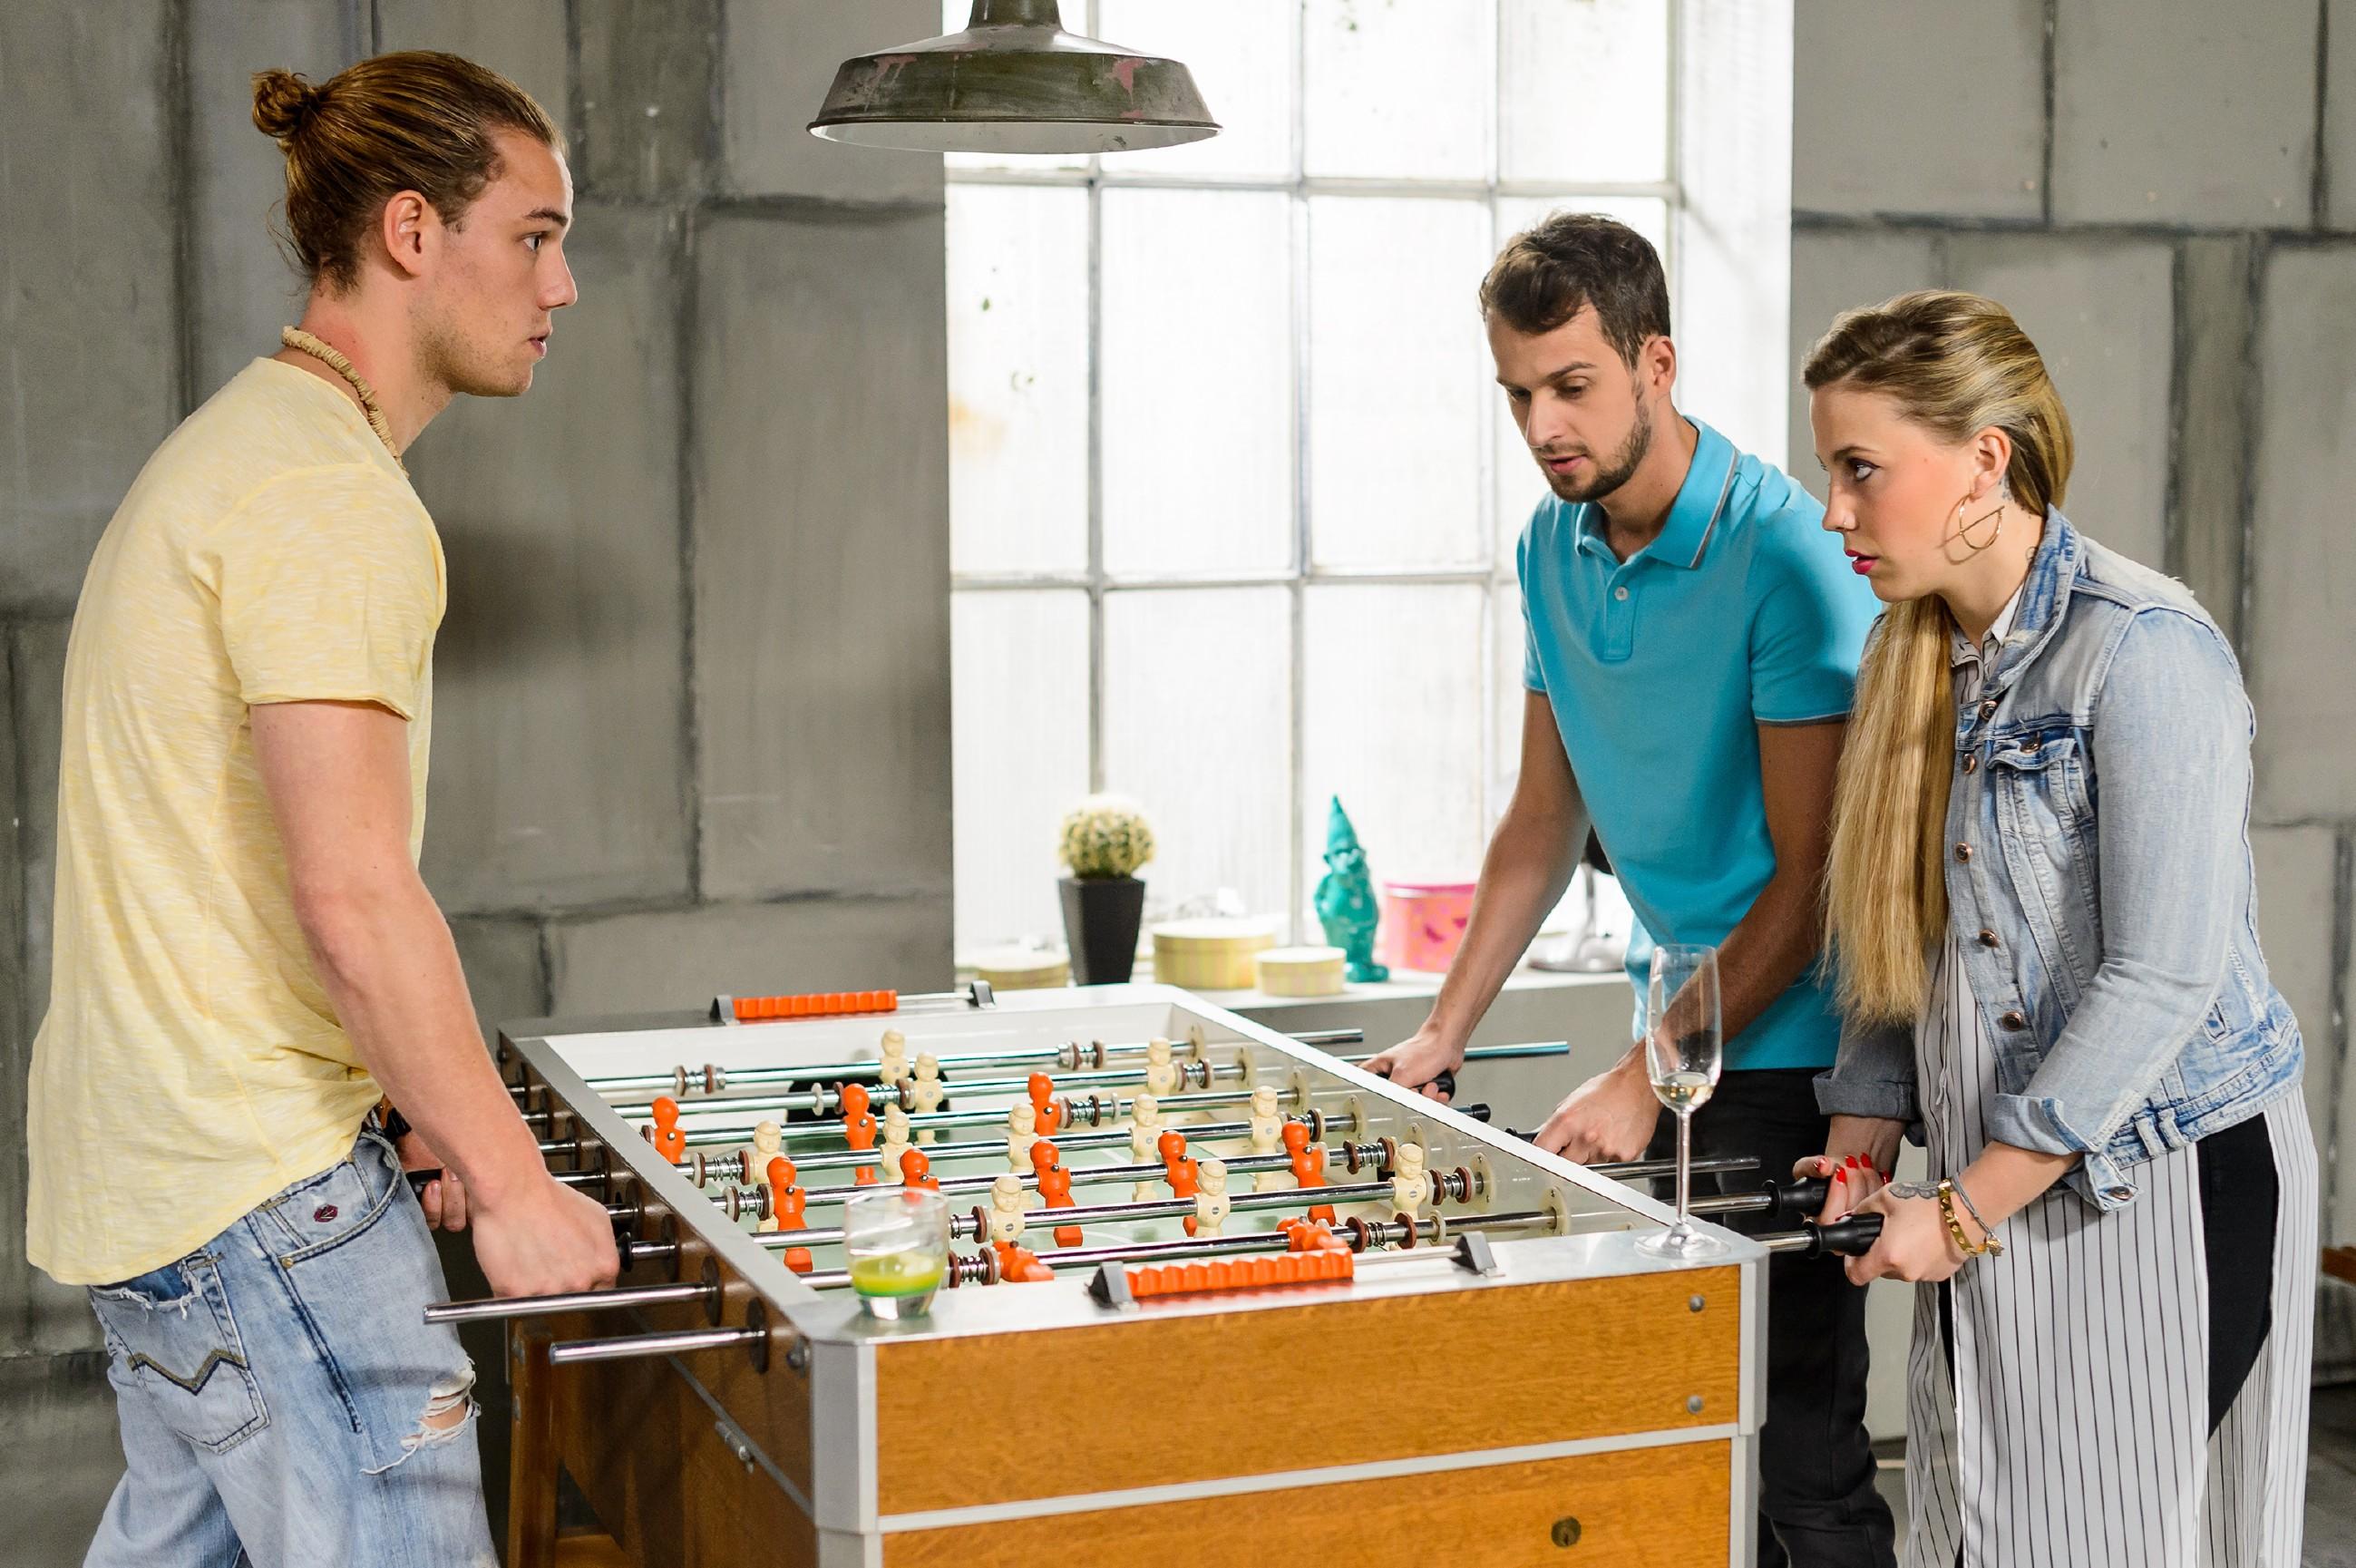 Als Iva (Christina Klein) mit Leo (Julian Bayer, l.) und Tobi (Michael Jassin) eine Runde Kicker spielt, wird ihr klar, dass Leo seinen Konkurrenten in Bezug auf Marie mit Alkohol ausgeschaltet hat. (Quelle: RTL / Willi Weber)